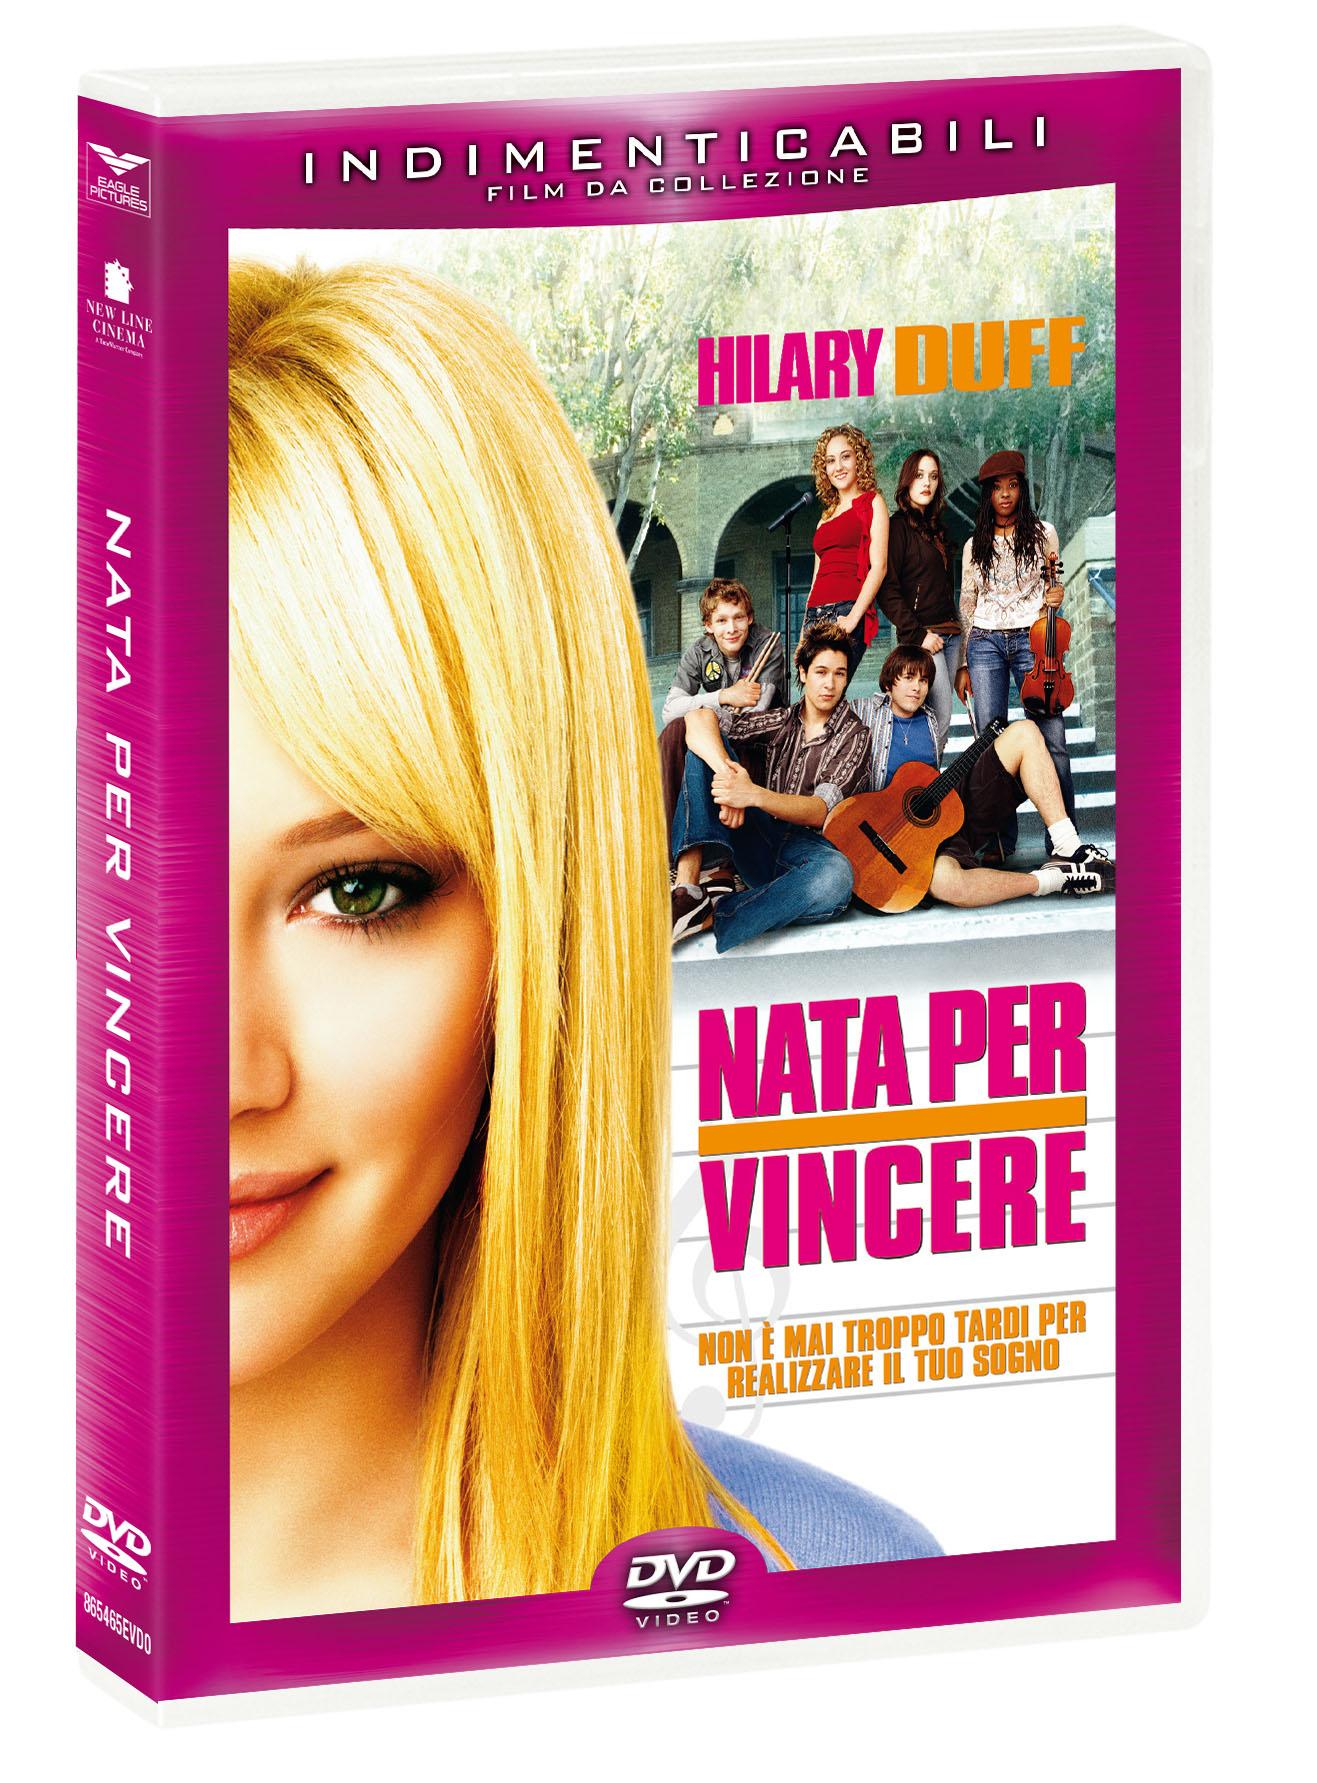 NATA PER VINCERE (INDIMENTICABILI) (DVD)